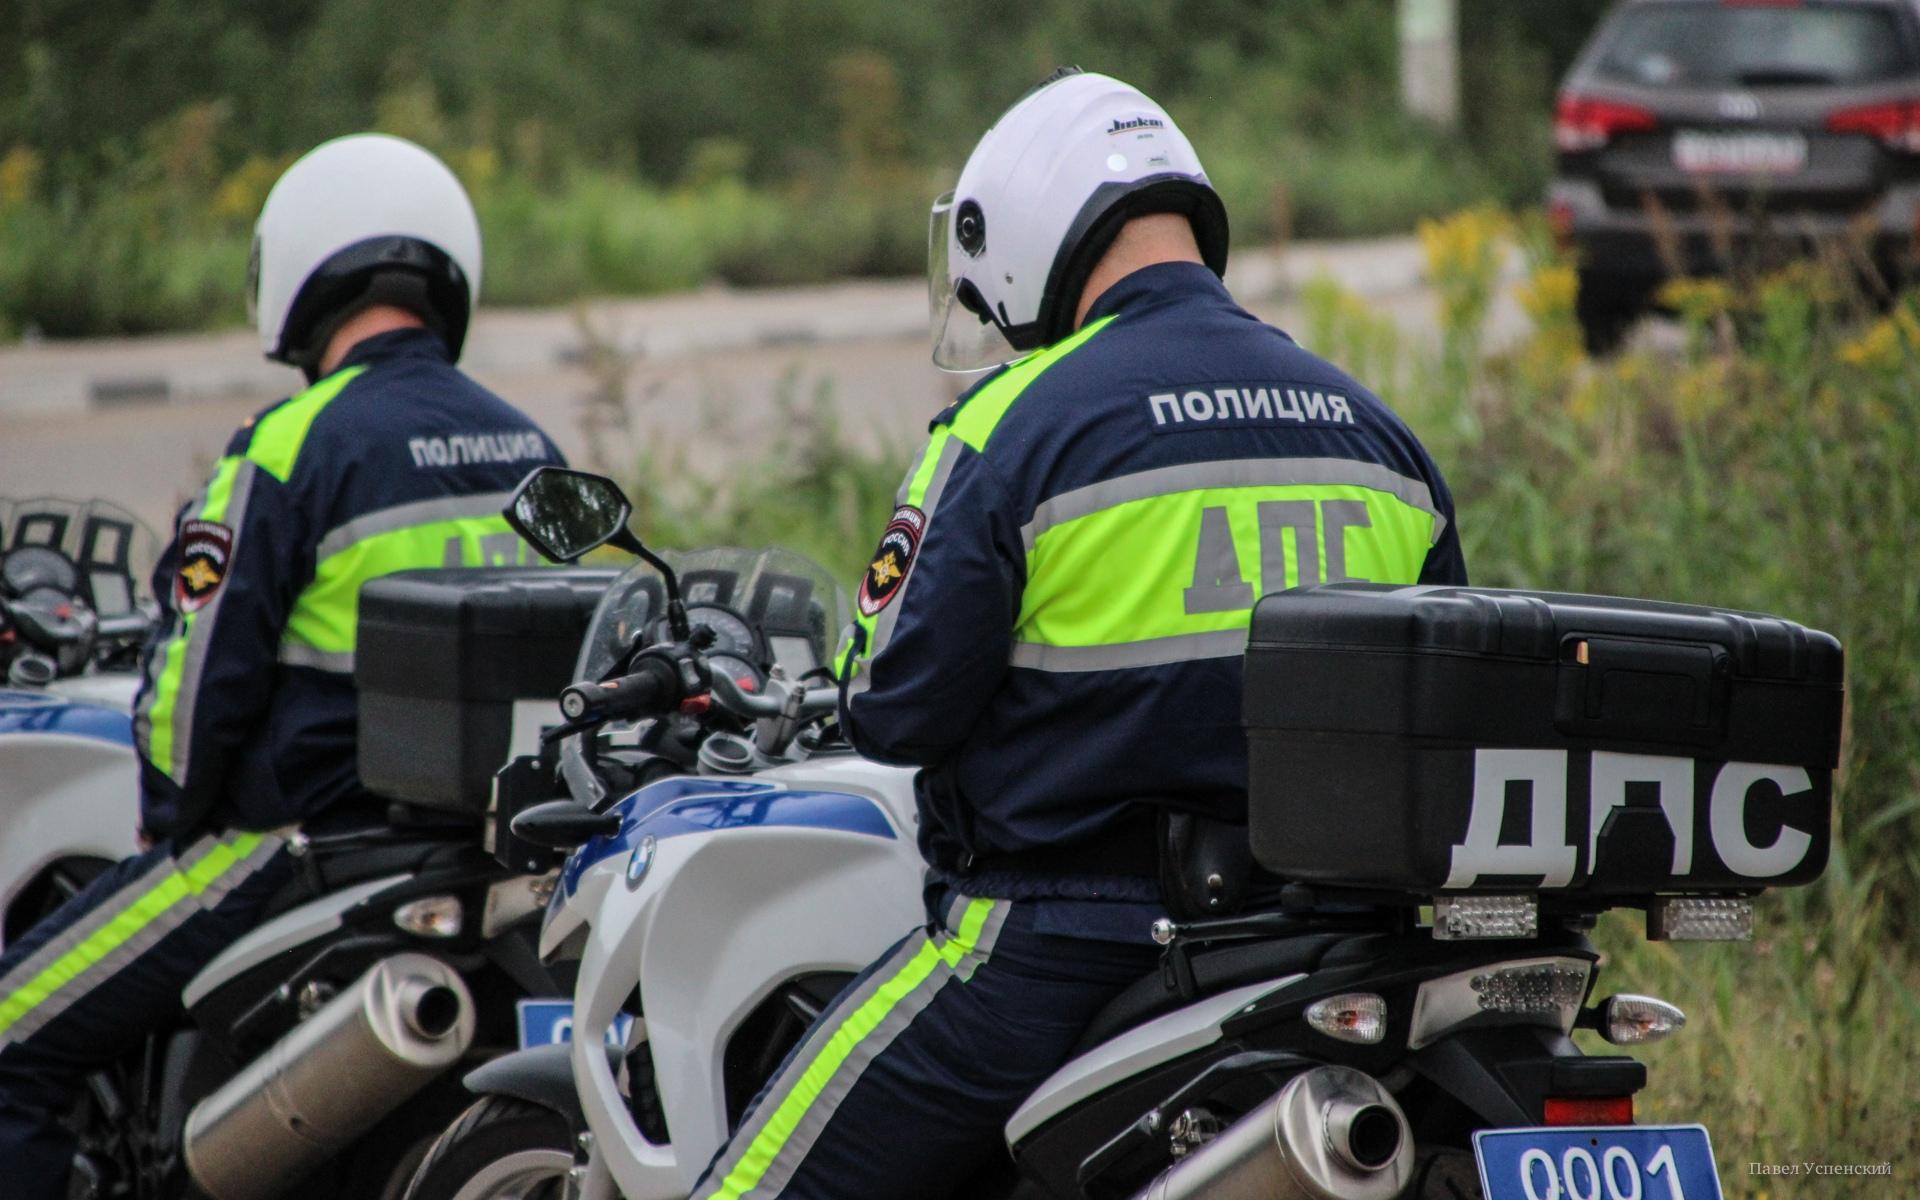 Мотоциклист получил тяжелые травмы в столкновении с автомобилем в Тверской области - новости Афанасий